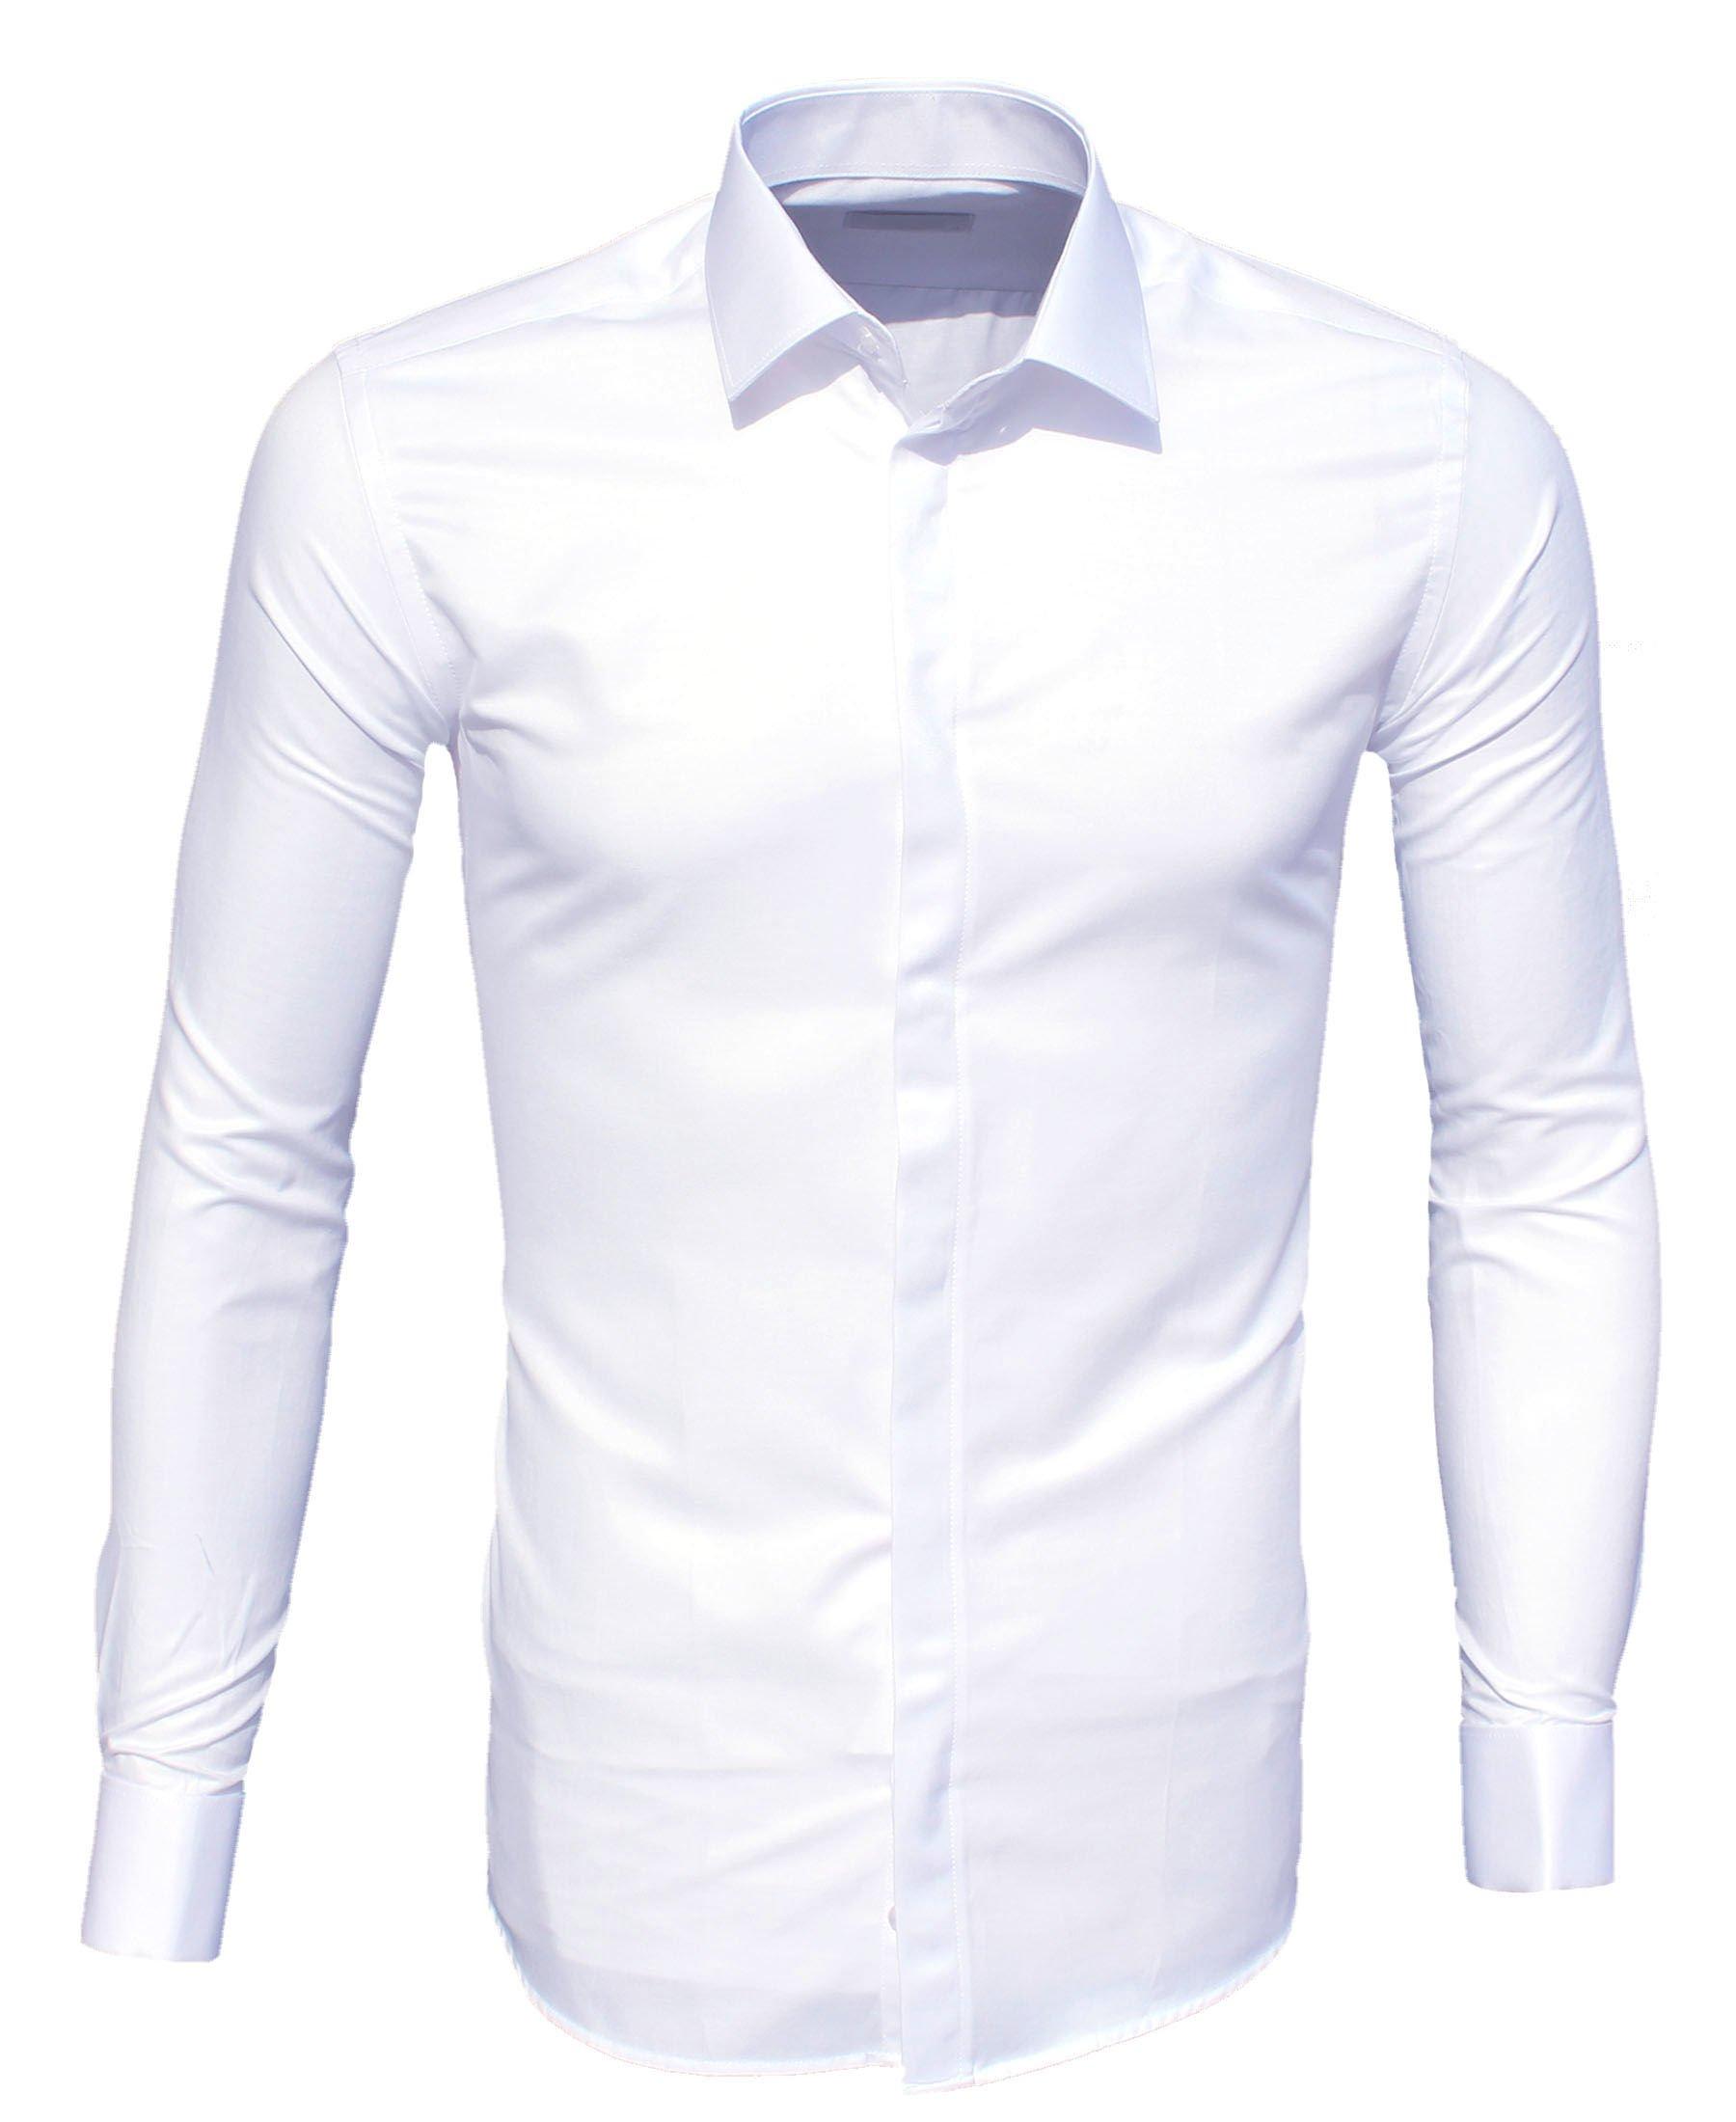 6a4855e8 Biała Koszula na Spinki Plisa SLIM